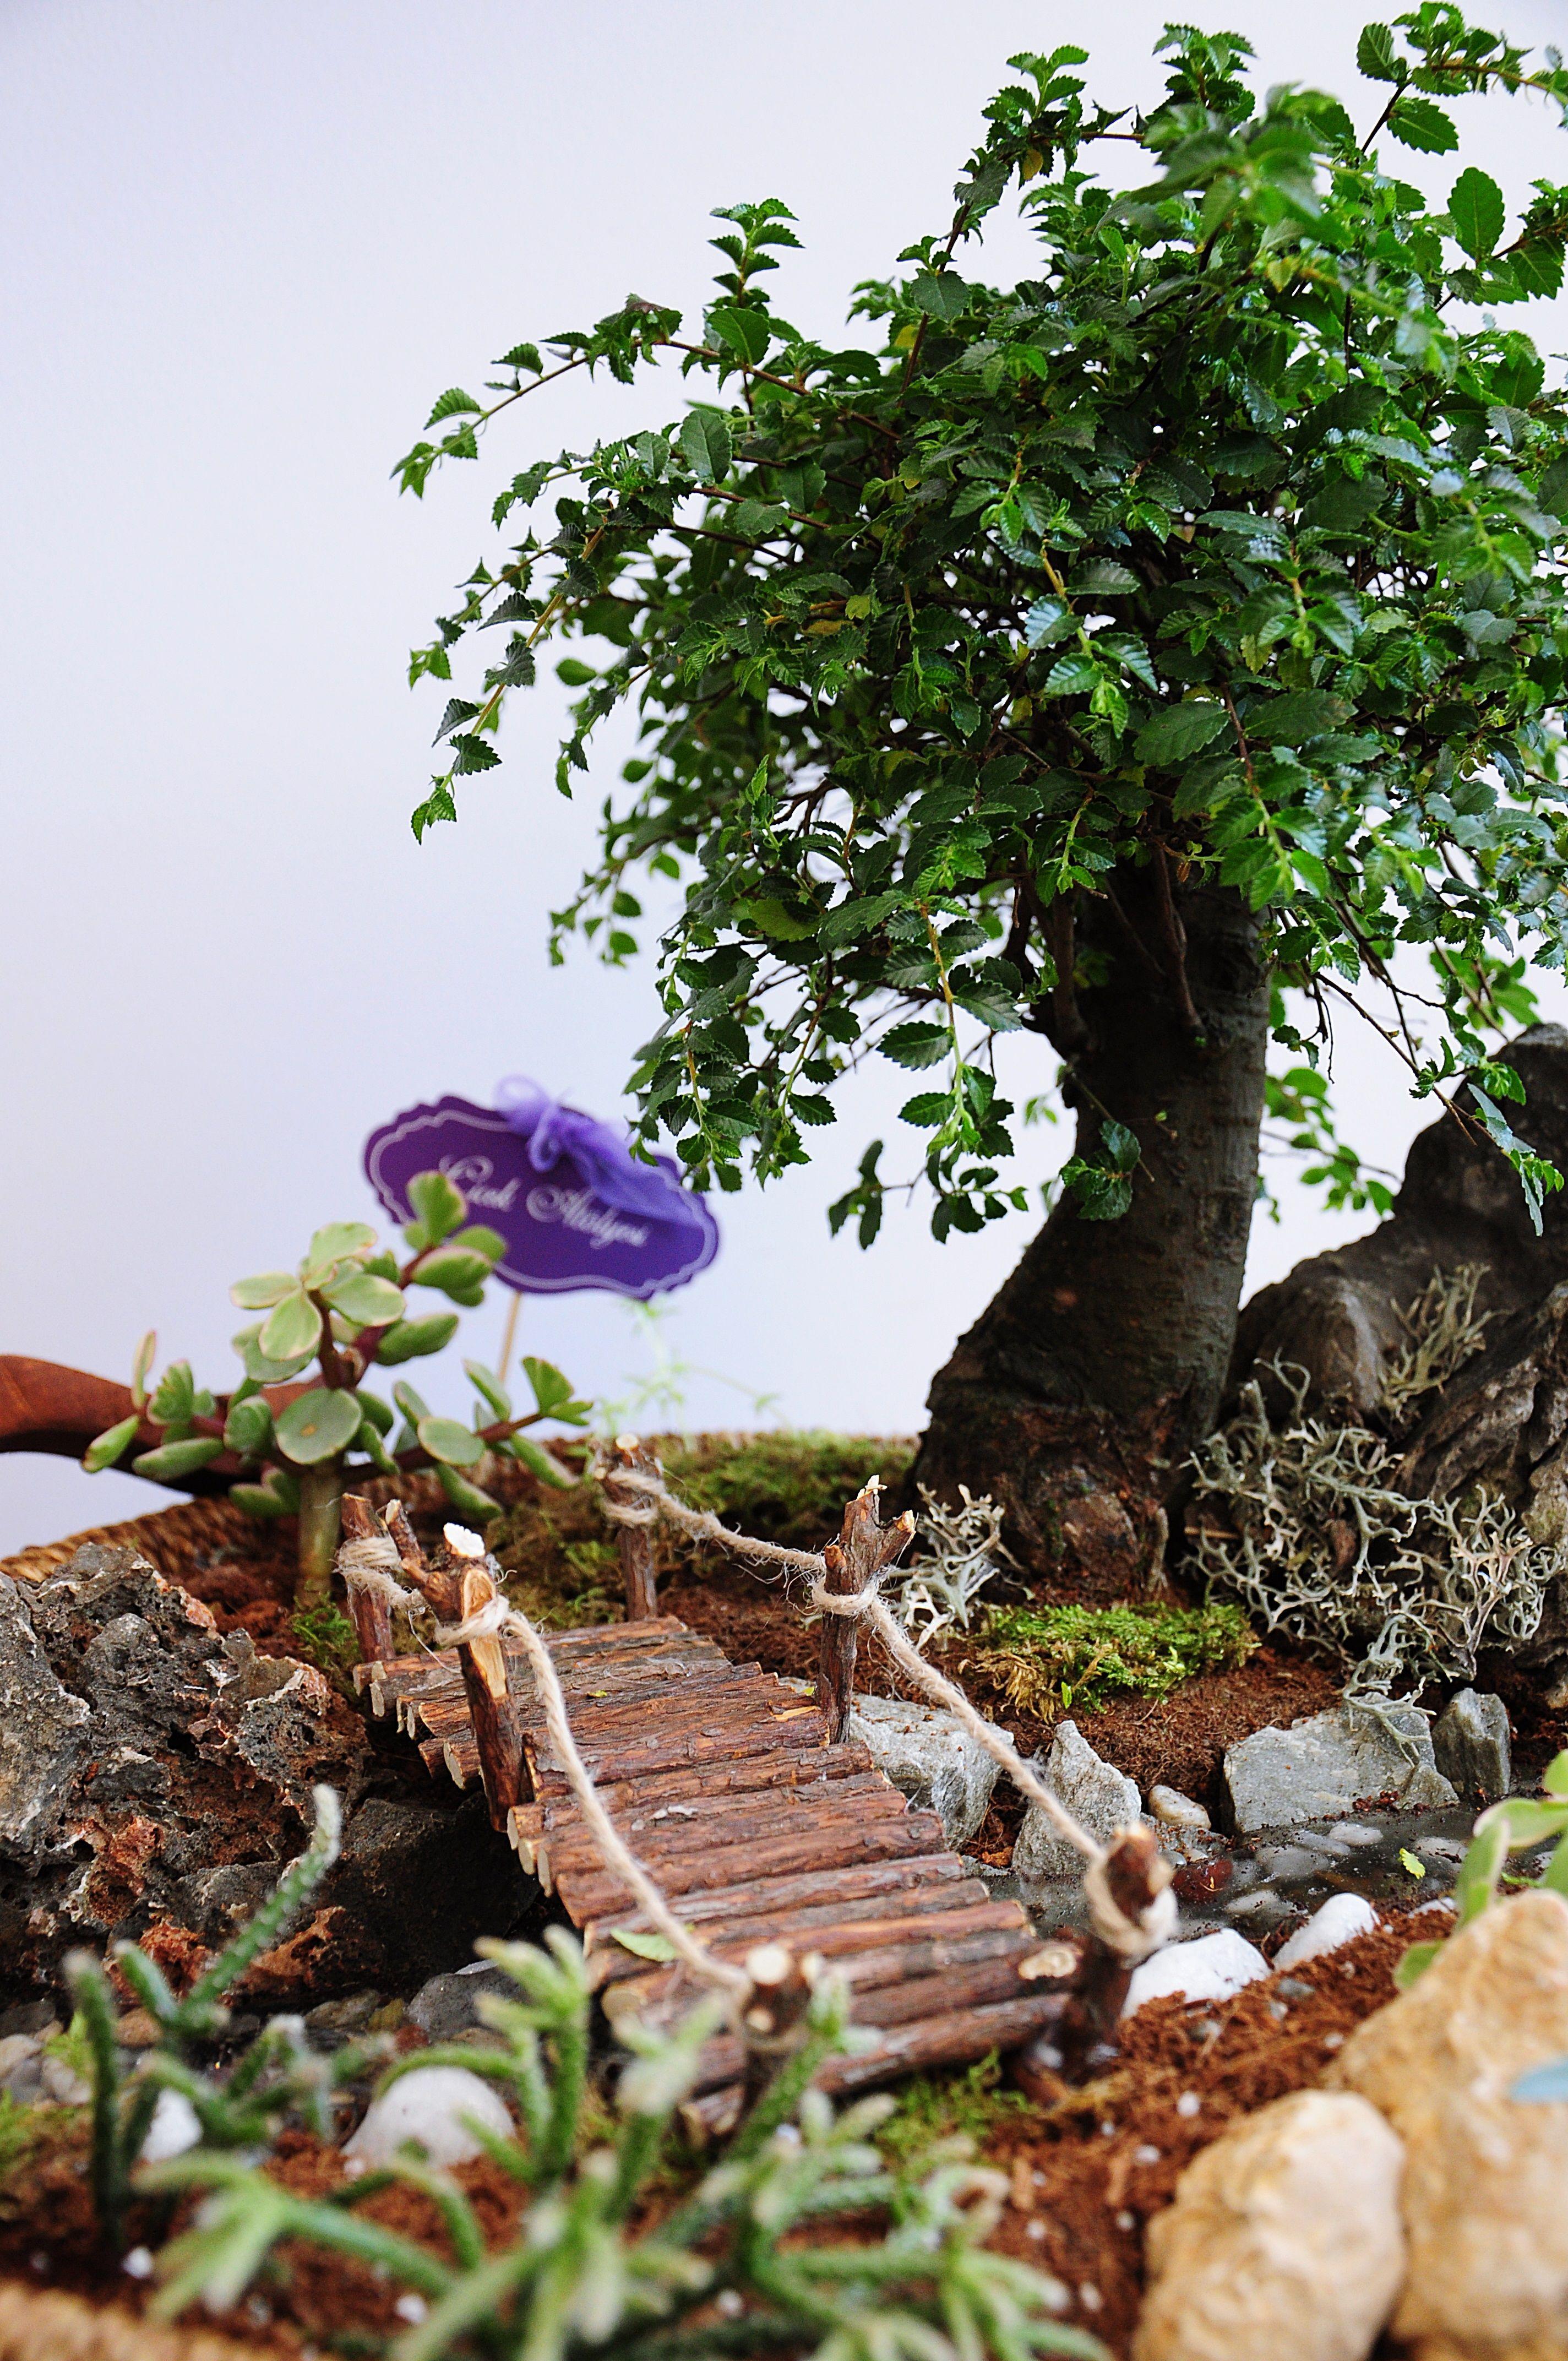 miniaturegarden bonsai